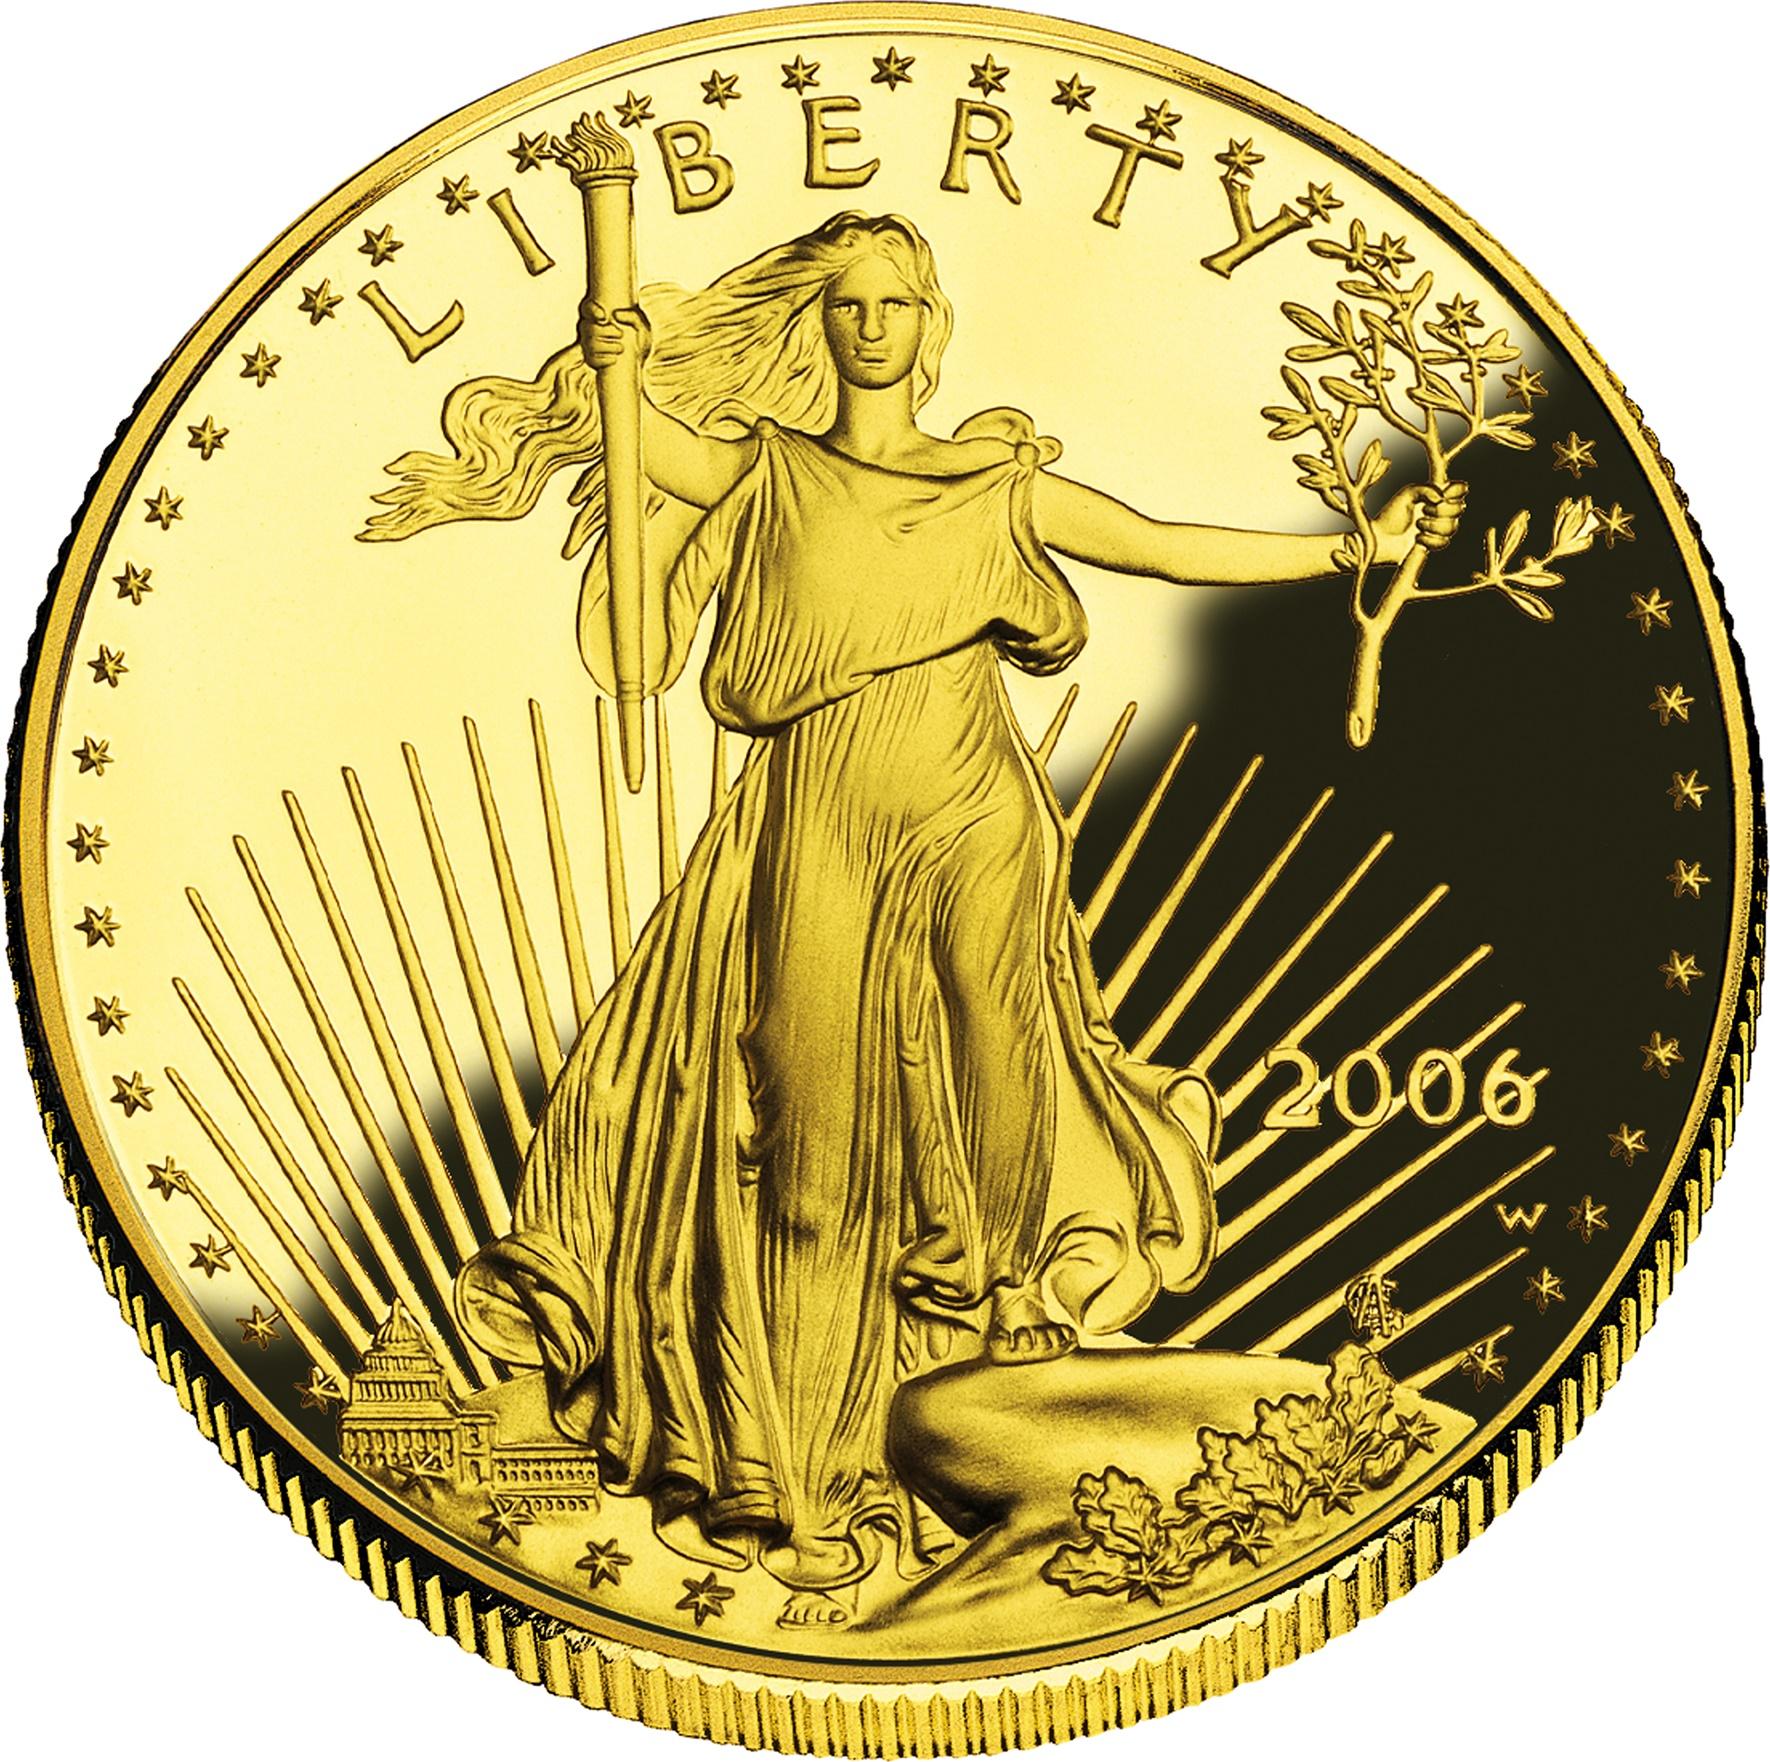 Image courtesy of united states mint